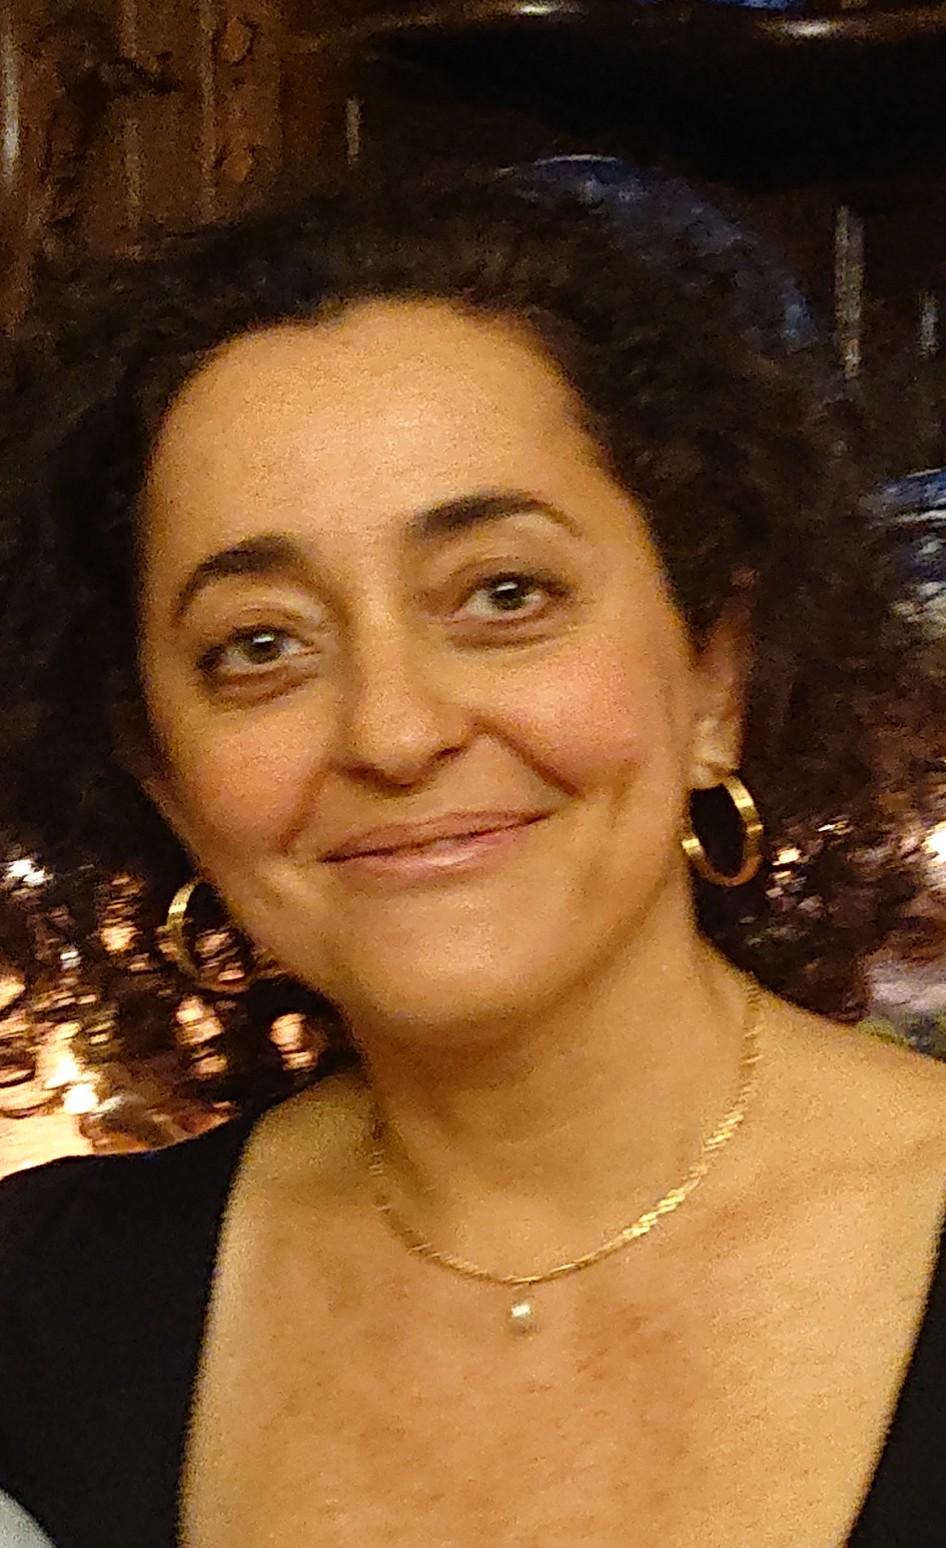 Marisol Valenzuela